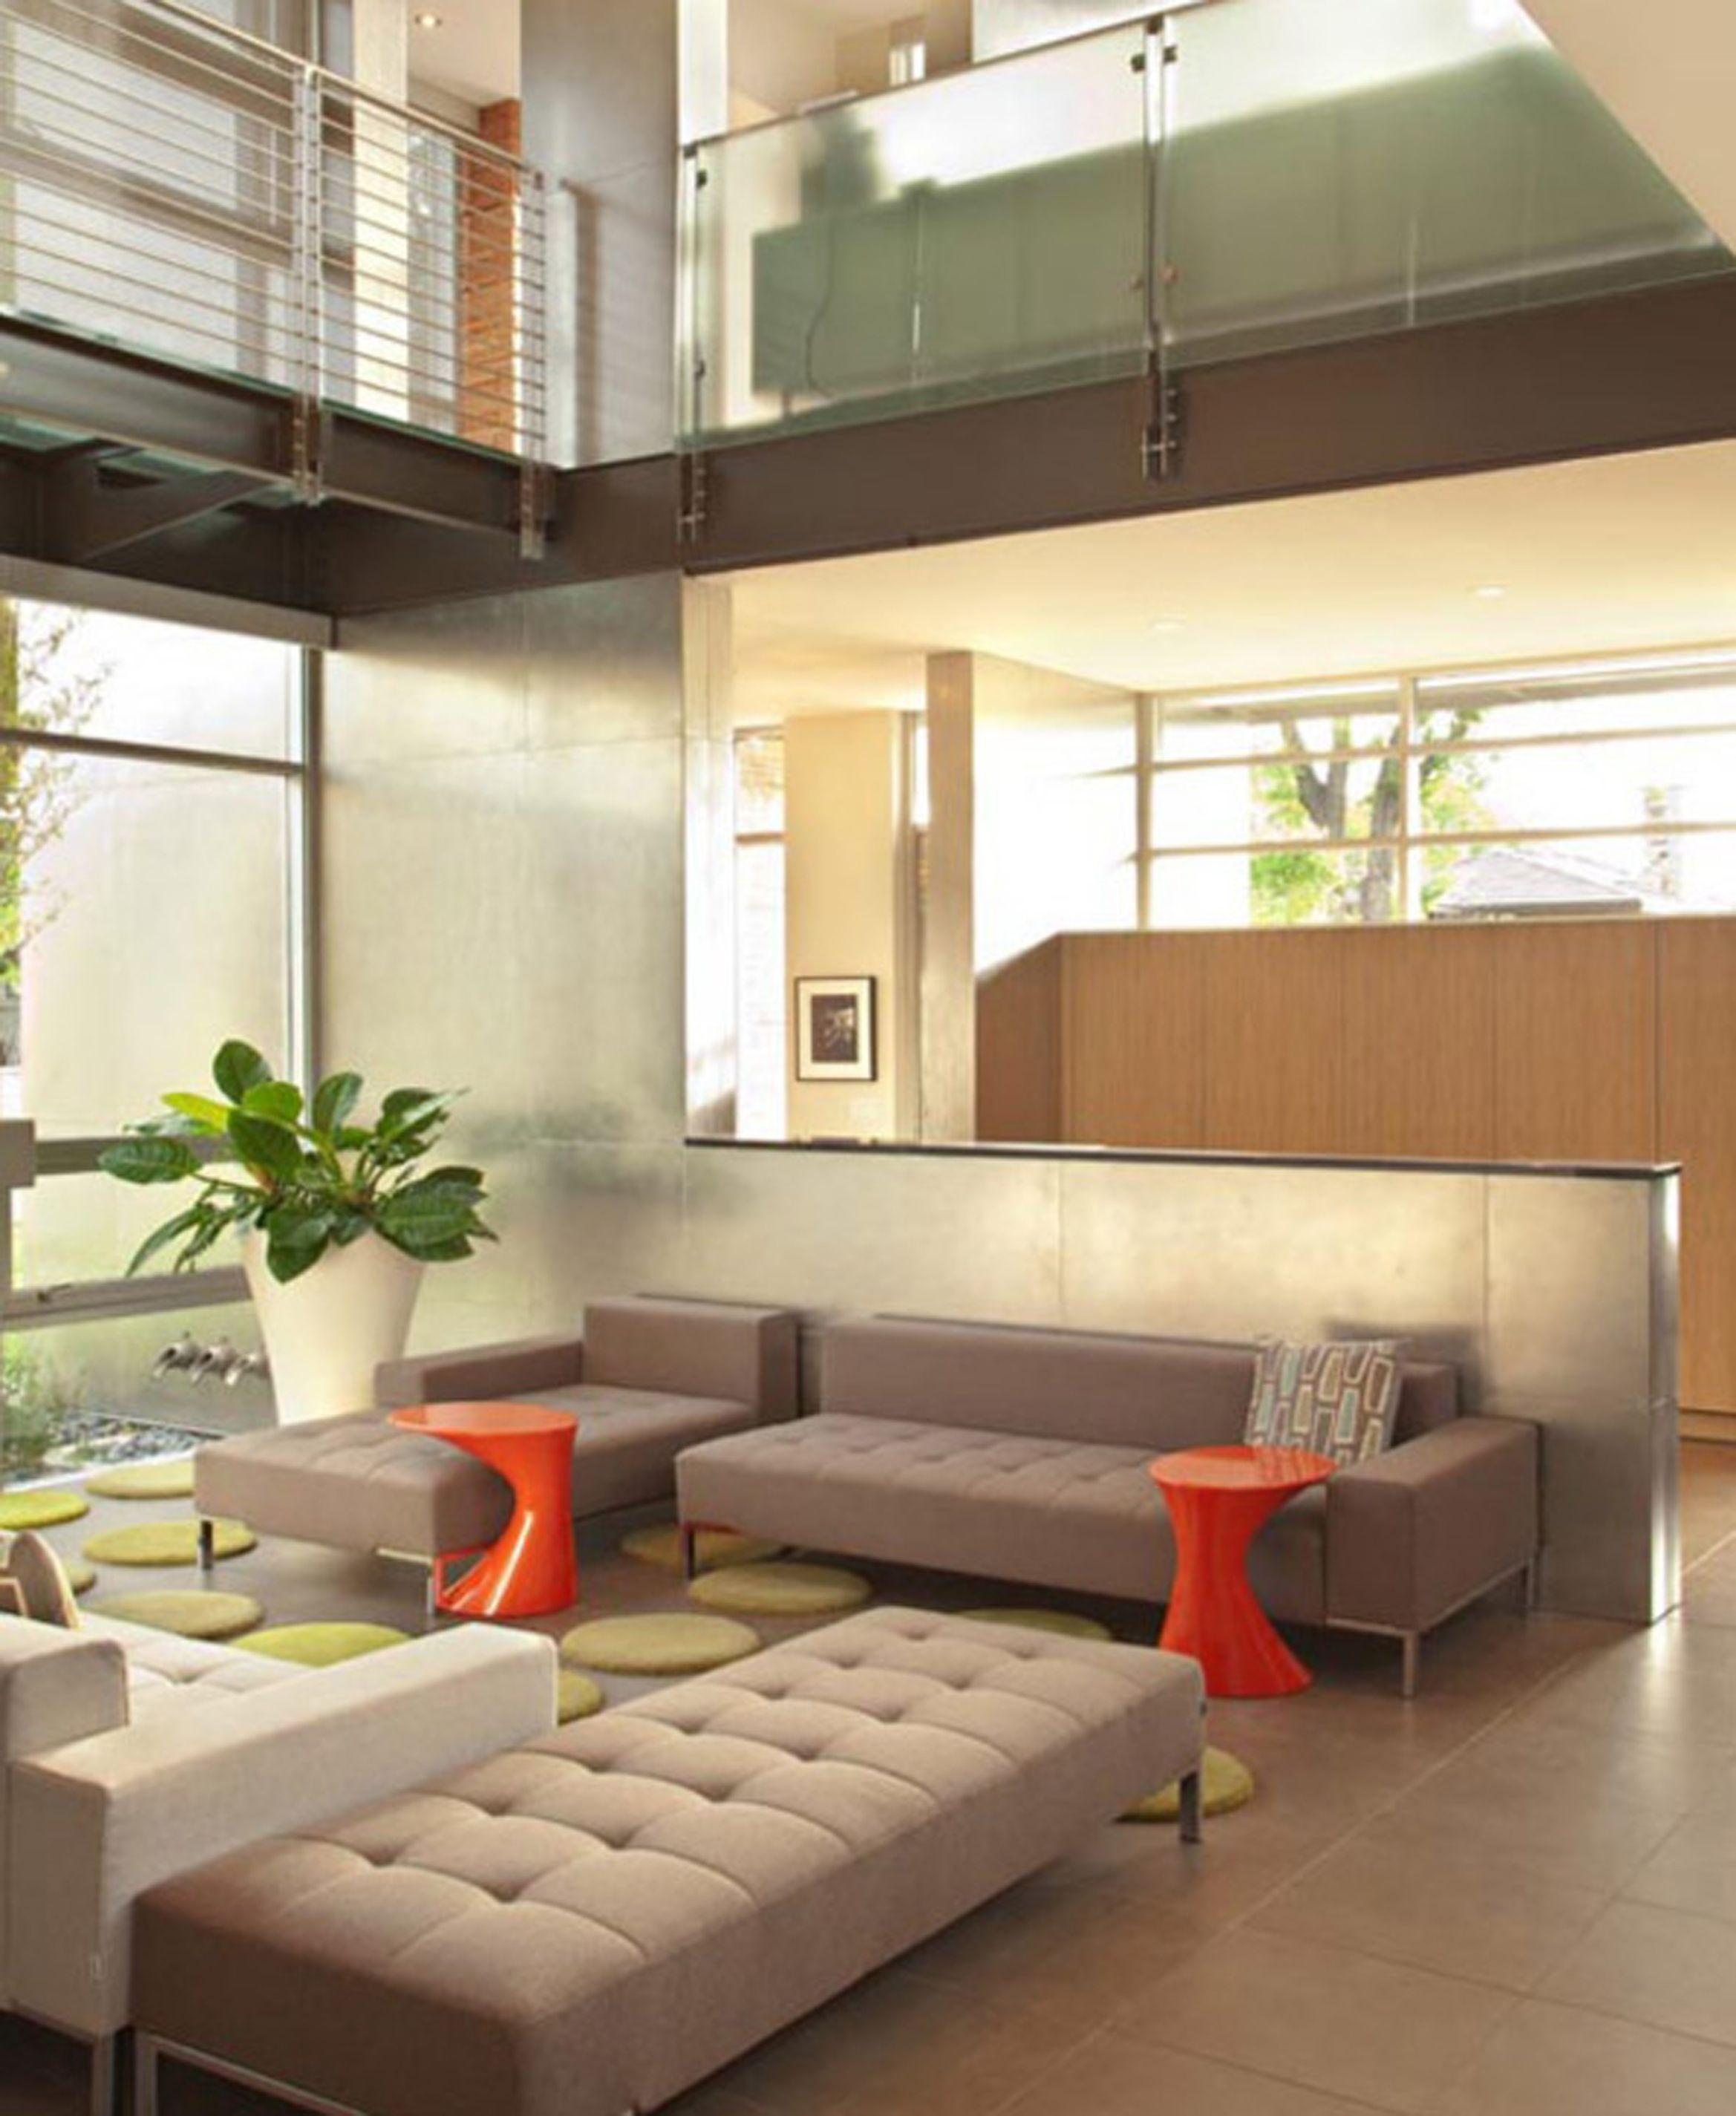 living room and bedroom furniture sets living room furniture ...